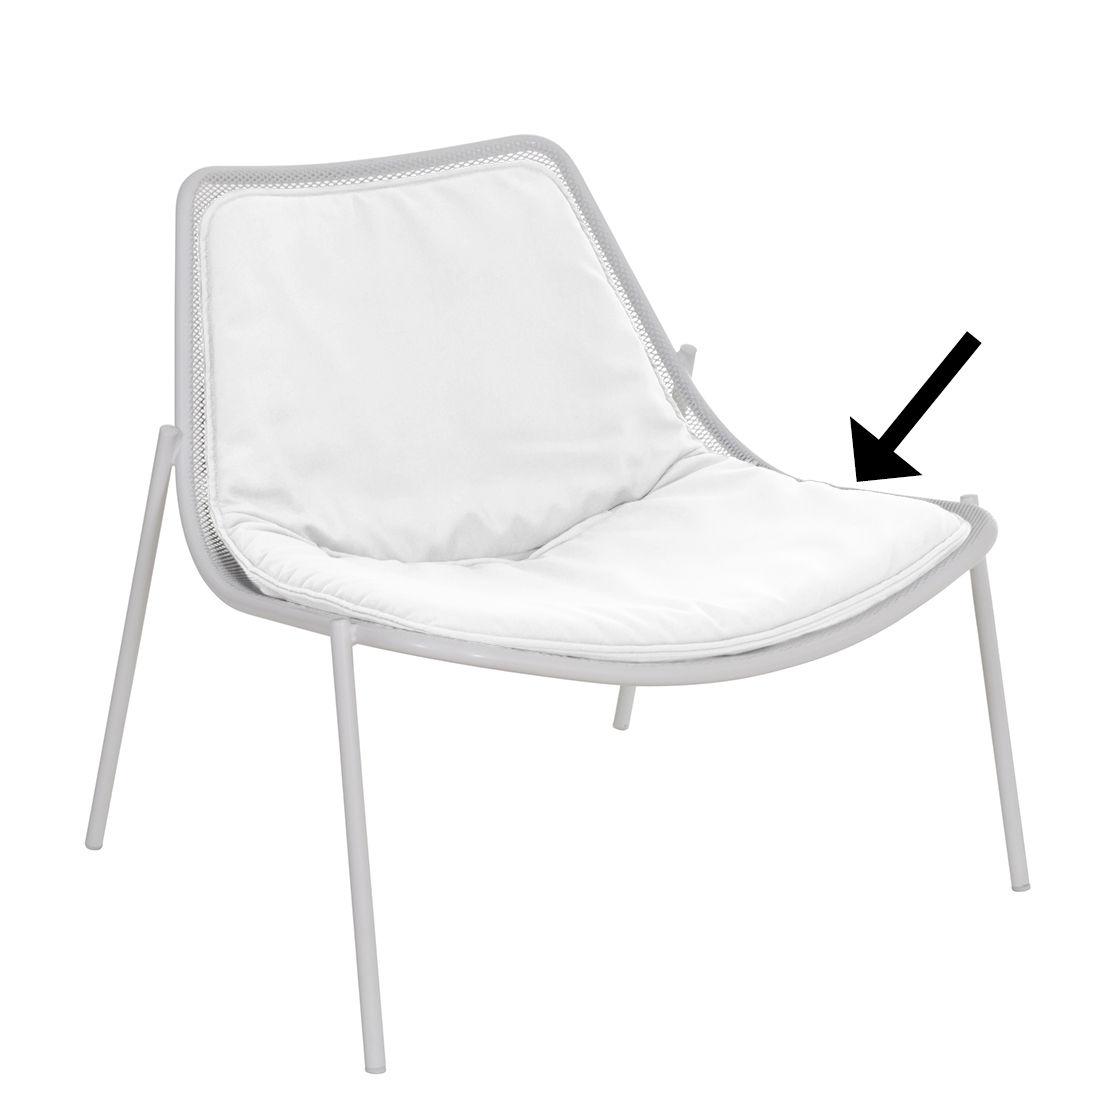 """Dekoration - Dekorationsartikel - Kissen / für Sessel """"Round"""" - Emu - Kissen / weiß - Polyacryl-Gewebe, Schaumstoff"""